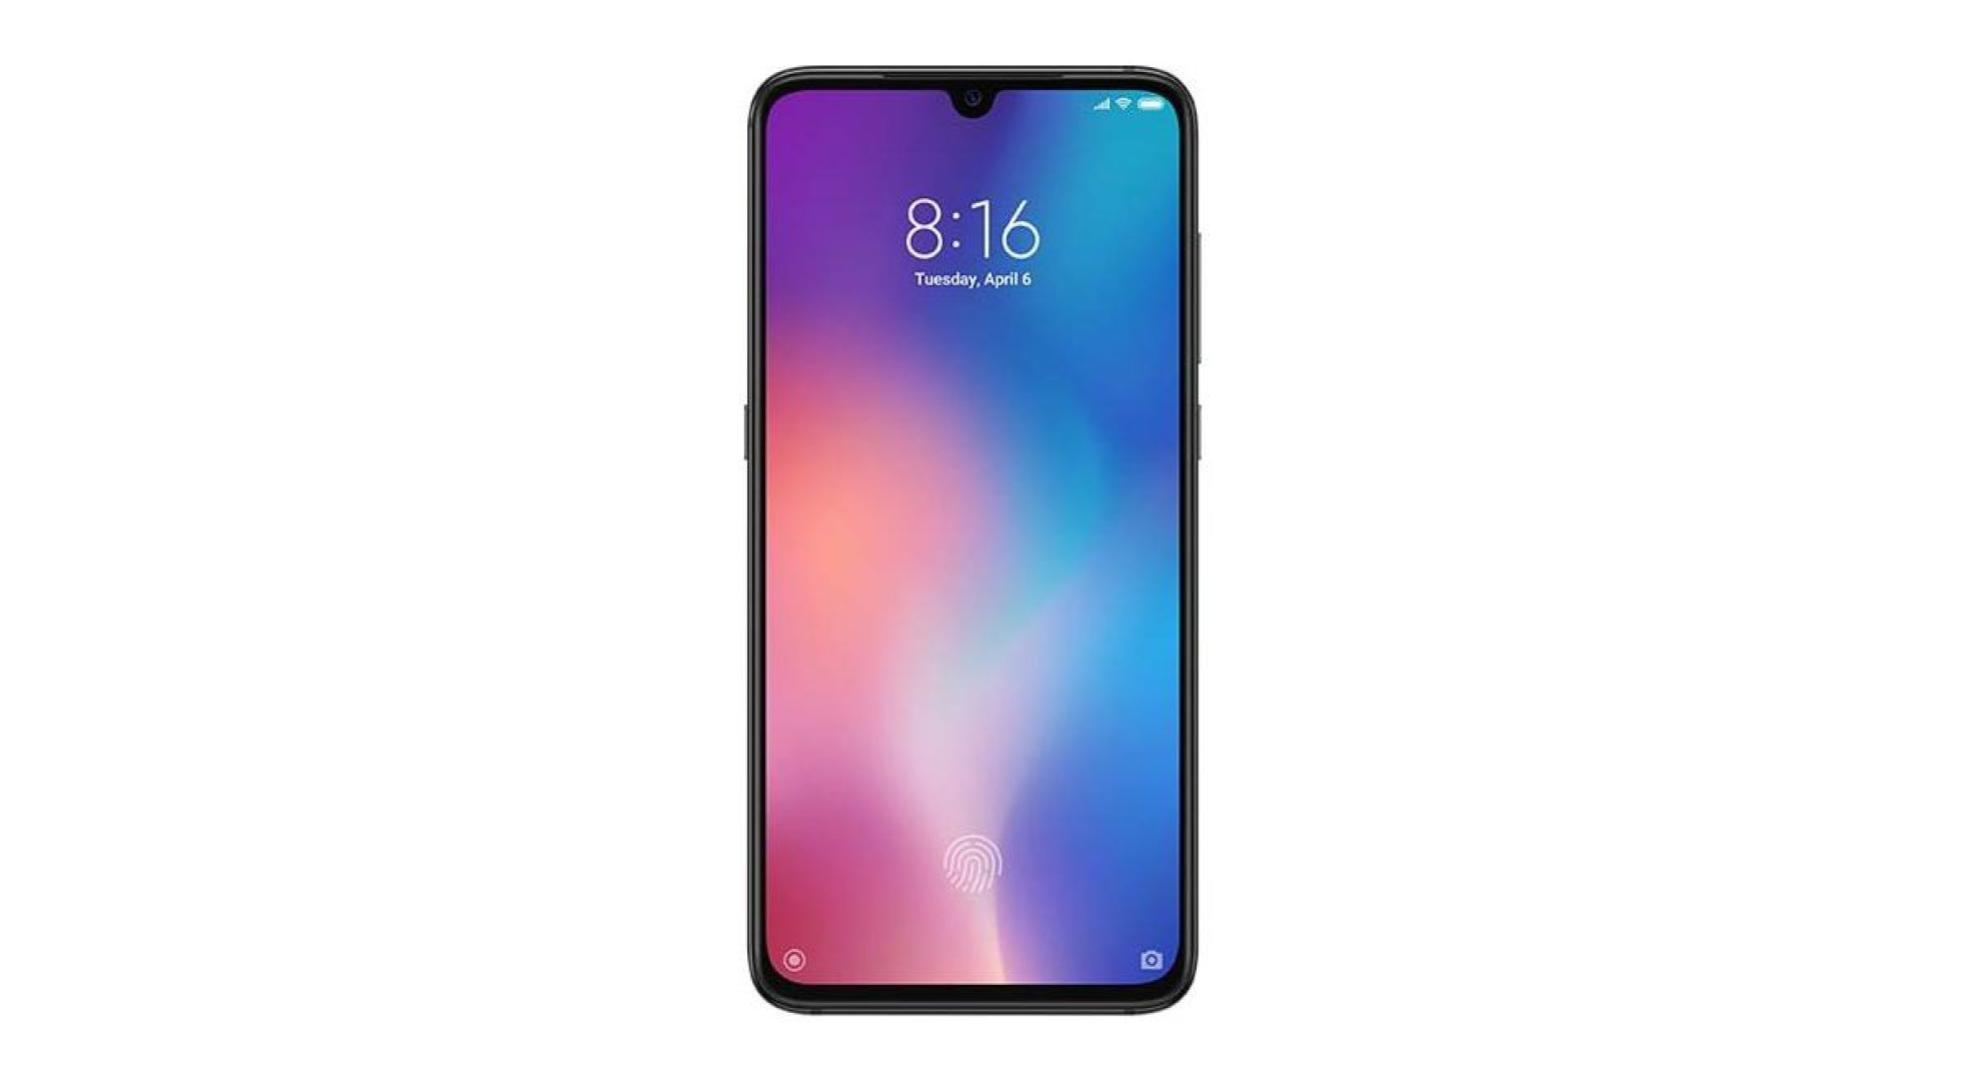 🔥 Bon plan : le Xiaomi Mi 9 (Snapdragon 855) est disponible à seulement 365 euros